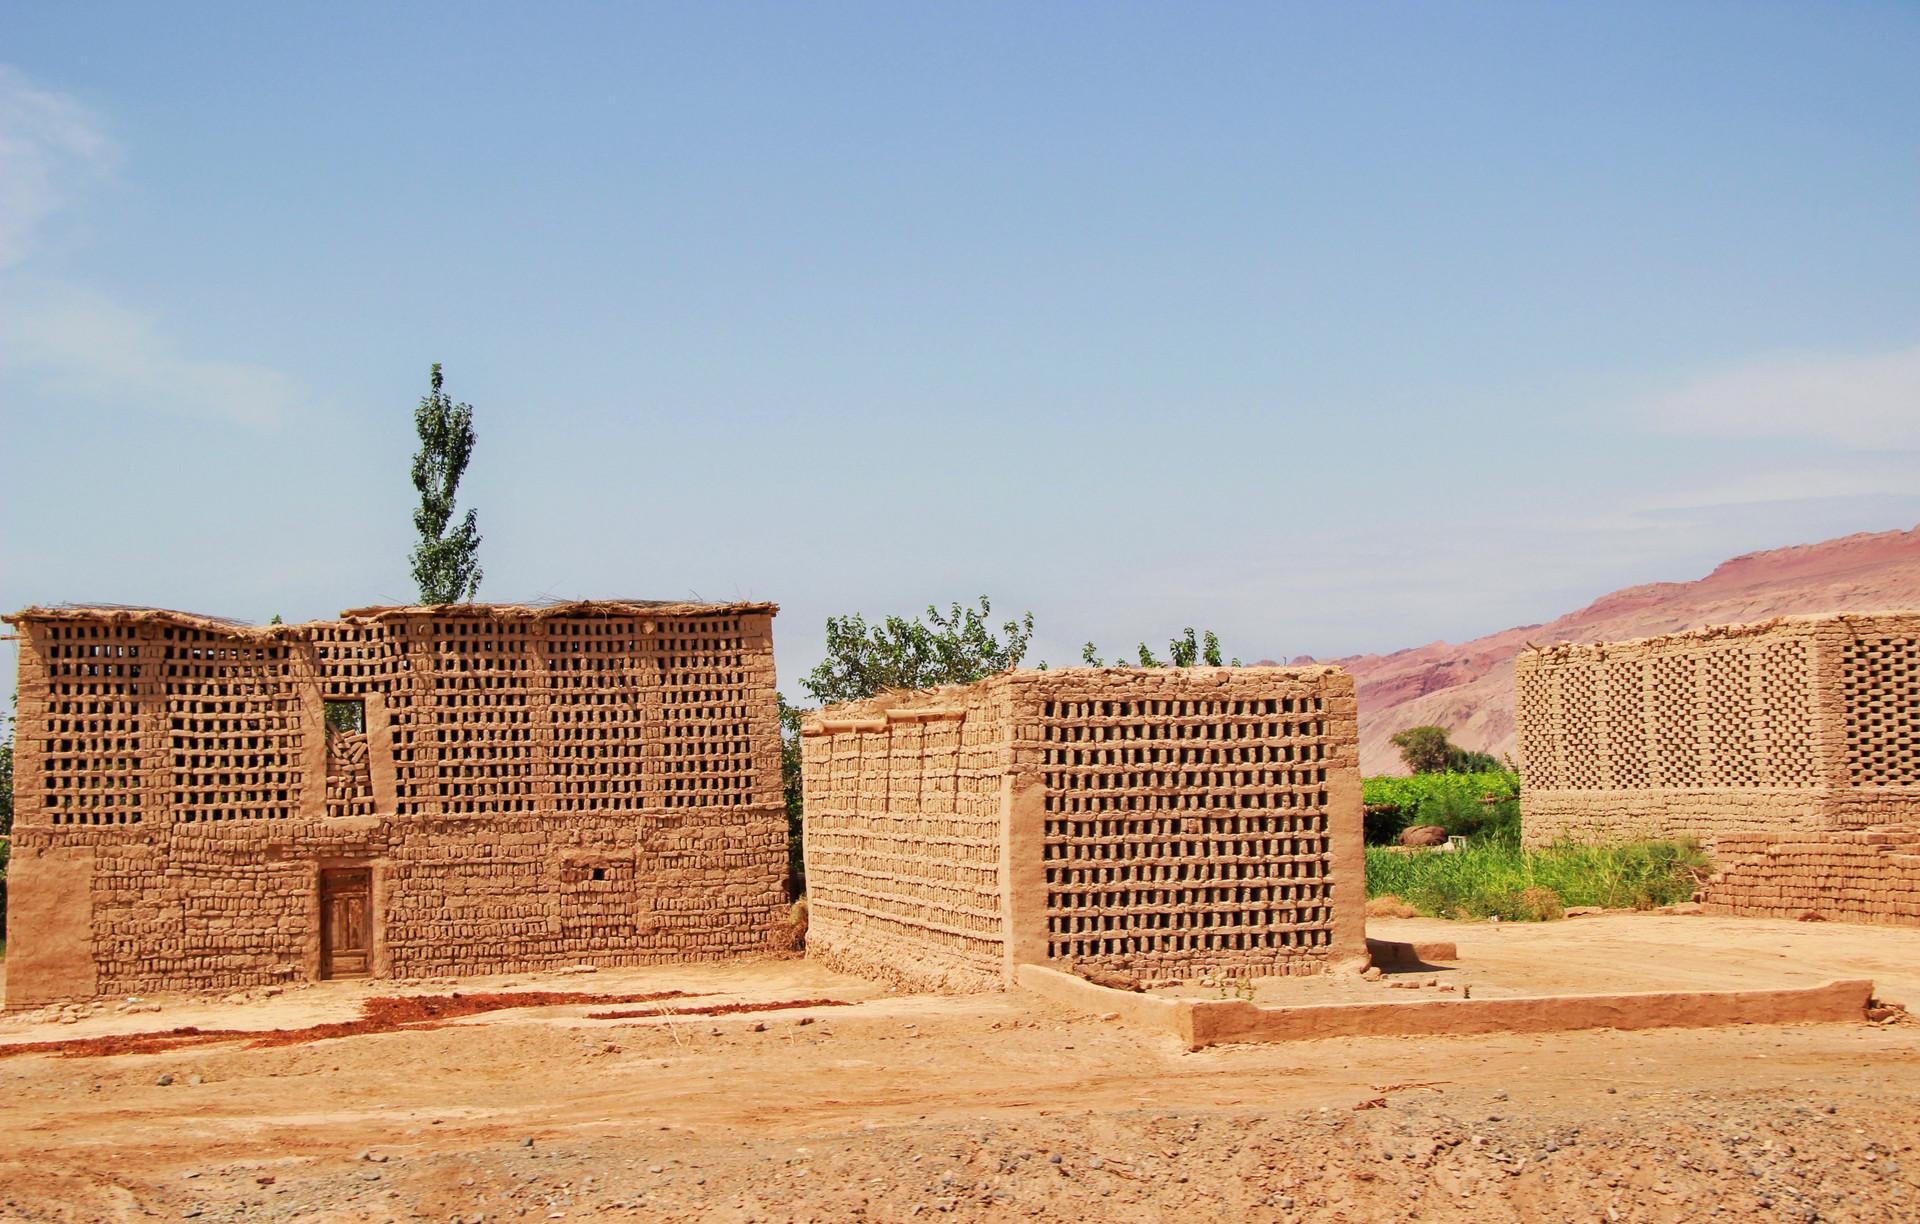 农村宅基地有使用年限吗?农村宅基地划分的标准是什么?